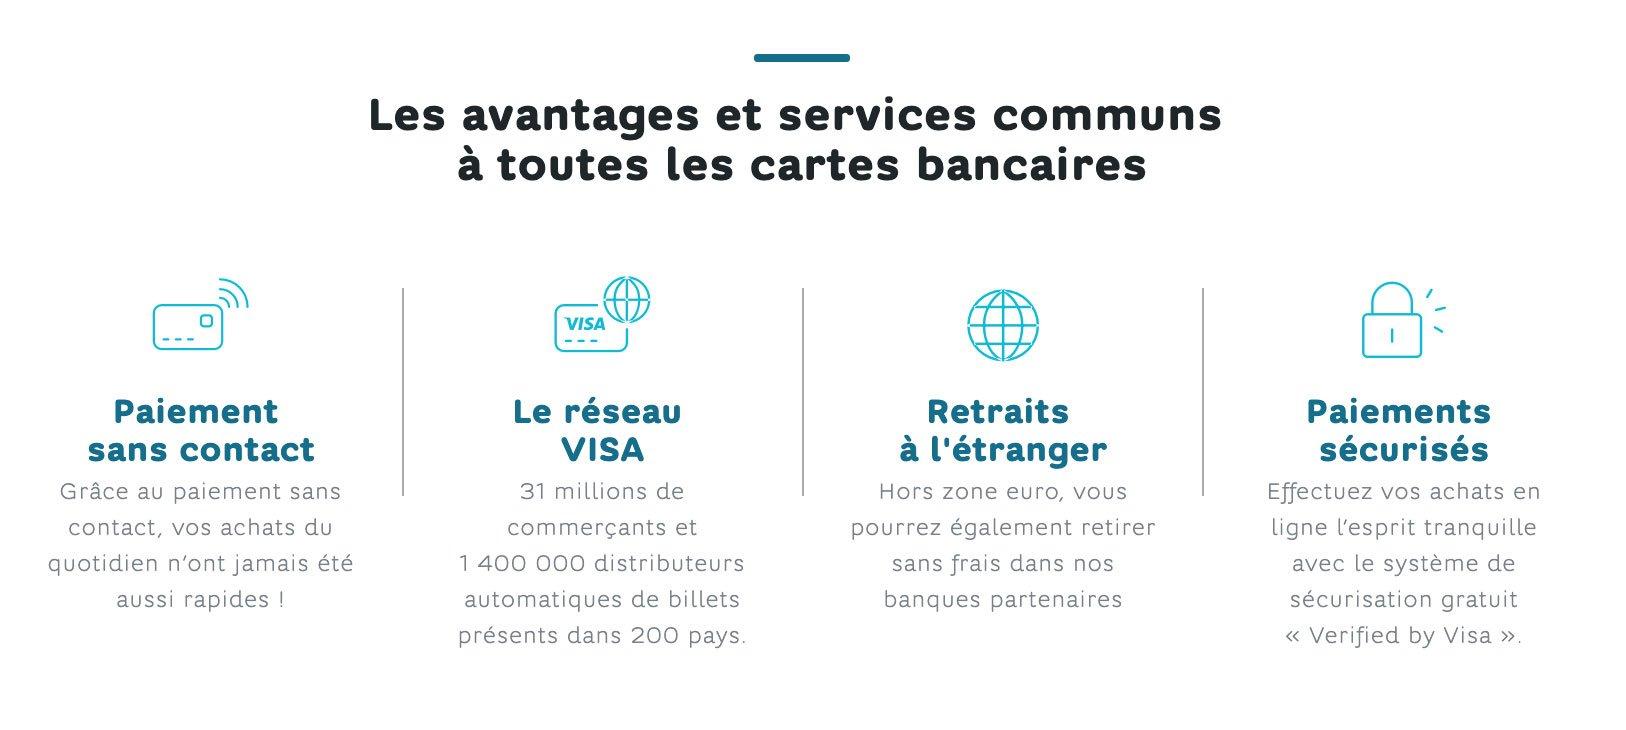 Carte Bancaire Gratuite A Letranger.Carte Bancaire Hello Bank Gratuite Sous Condition De Revenus